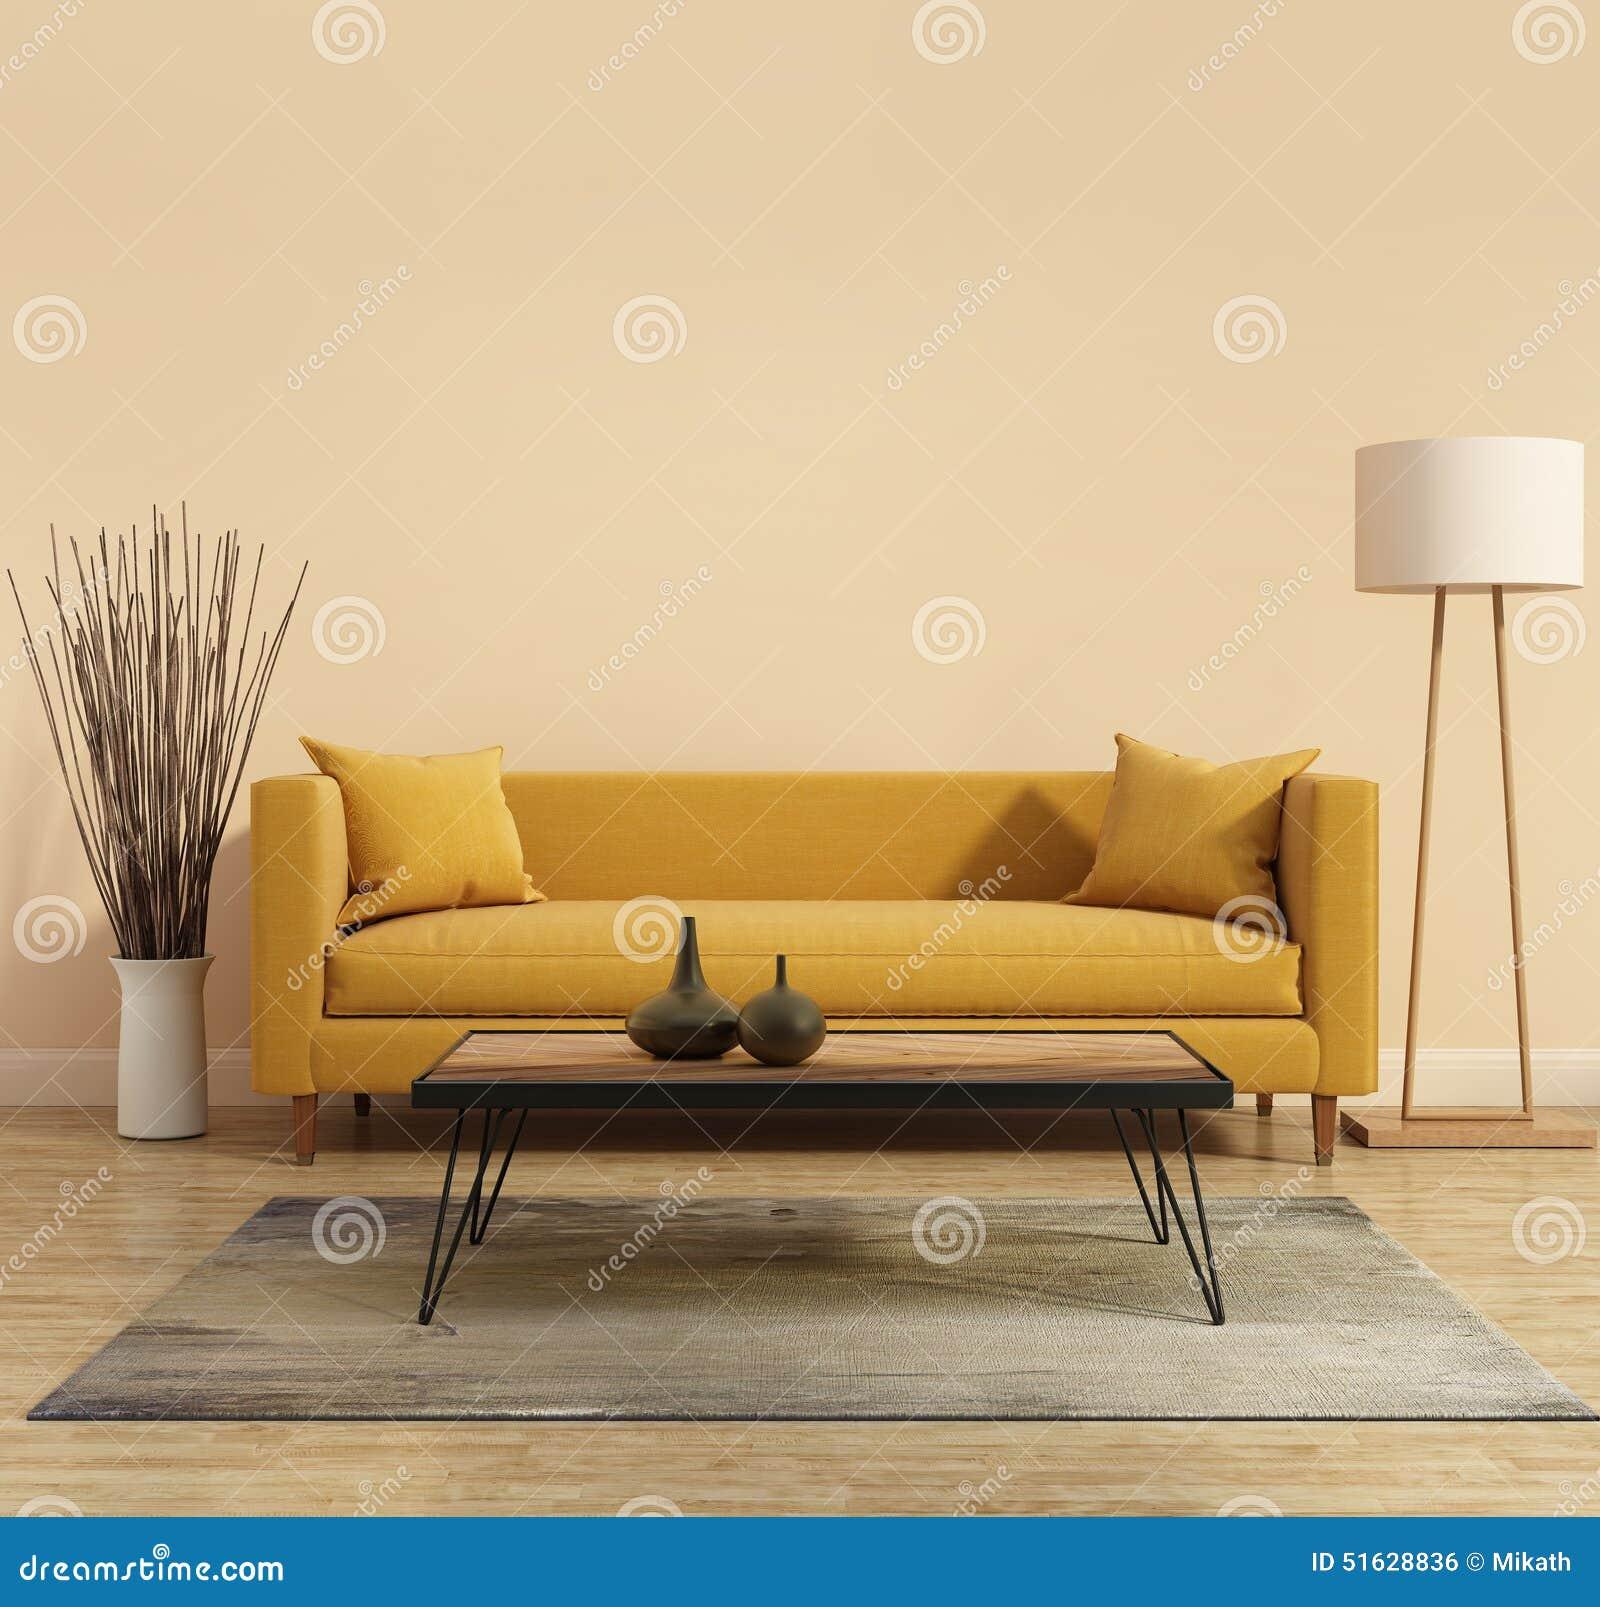 Interno moderno moderno con un sofà giallo nel salone con una vasca minima bianca